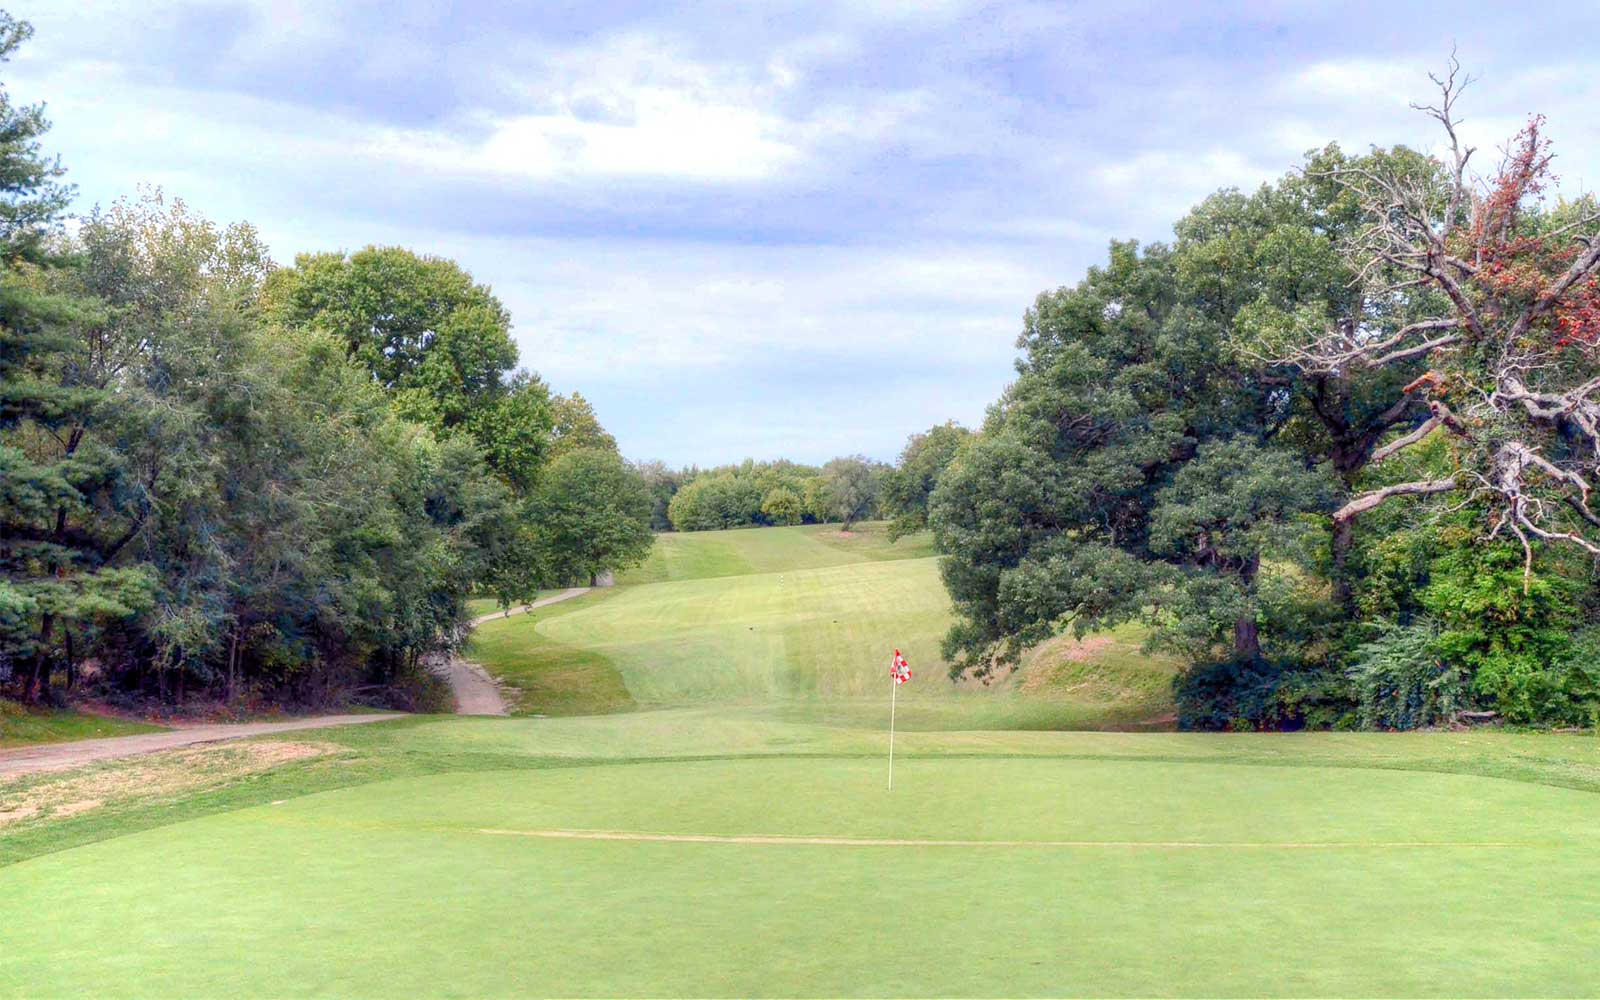 Normandie-Golf-Club,-St-Louis,-MO-Green